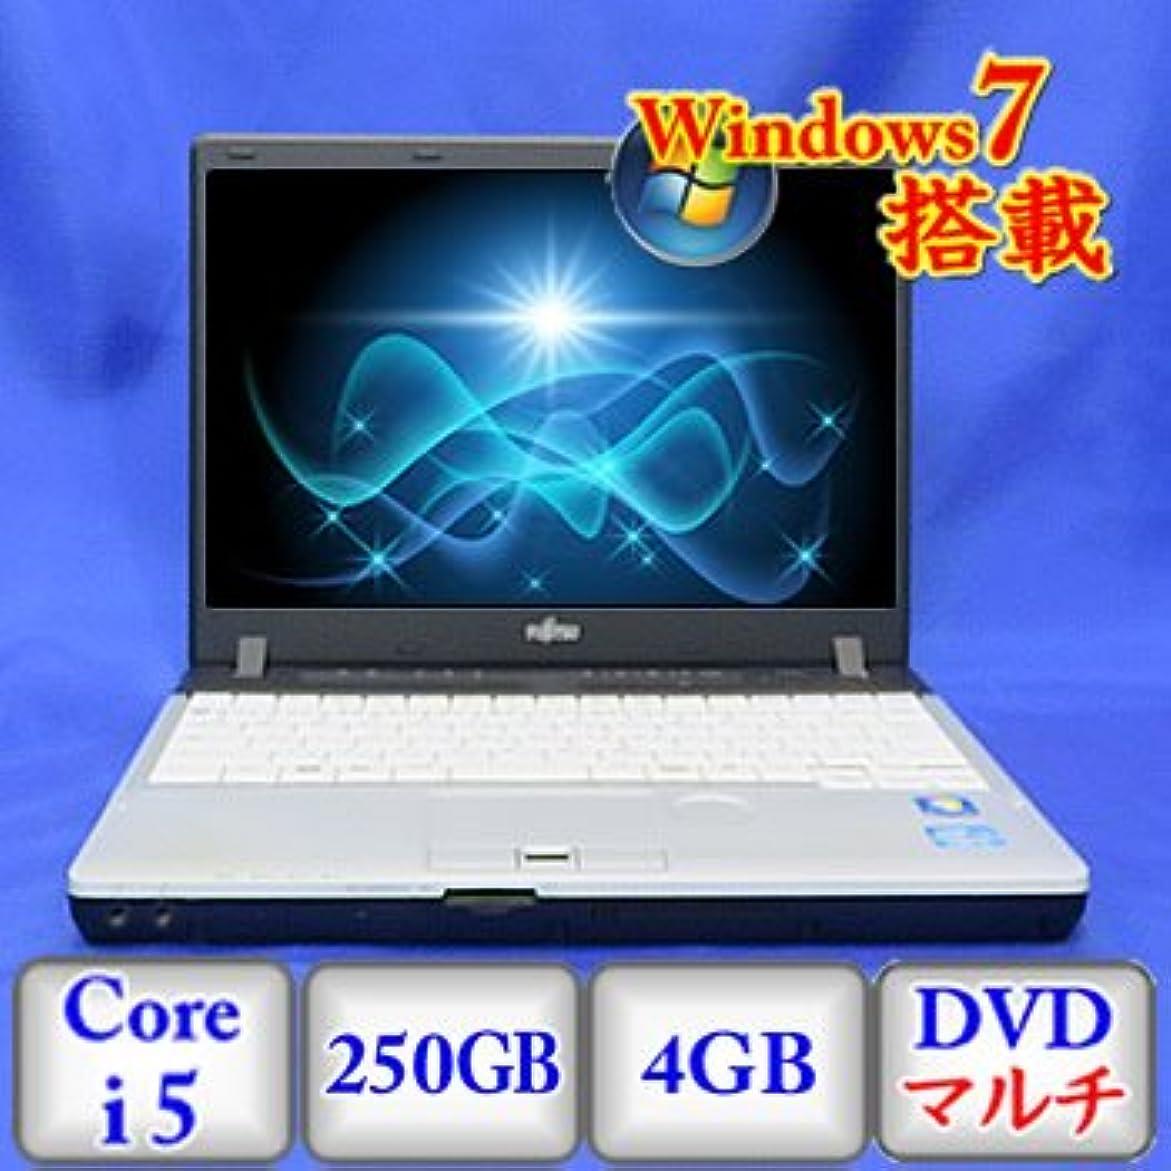 明確な食欲リスナー【中古ノートパソコン】富士通 LIFEBOOK P771/C [FMVNP4NE] -Windows7 Professional 32bit Core i5 2.5GHz 4GB 250GB DVDハイパーマルチ 12.1インチ(A0225N084)